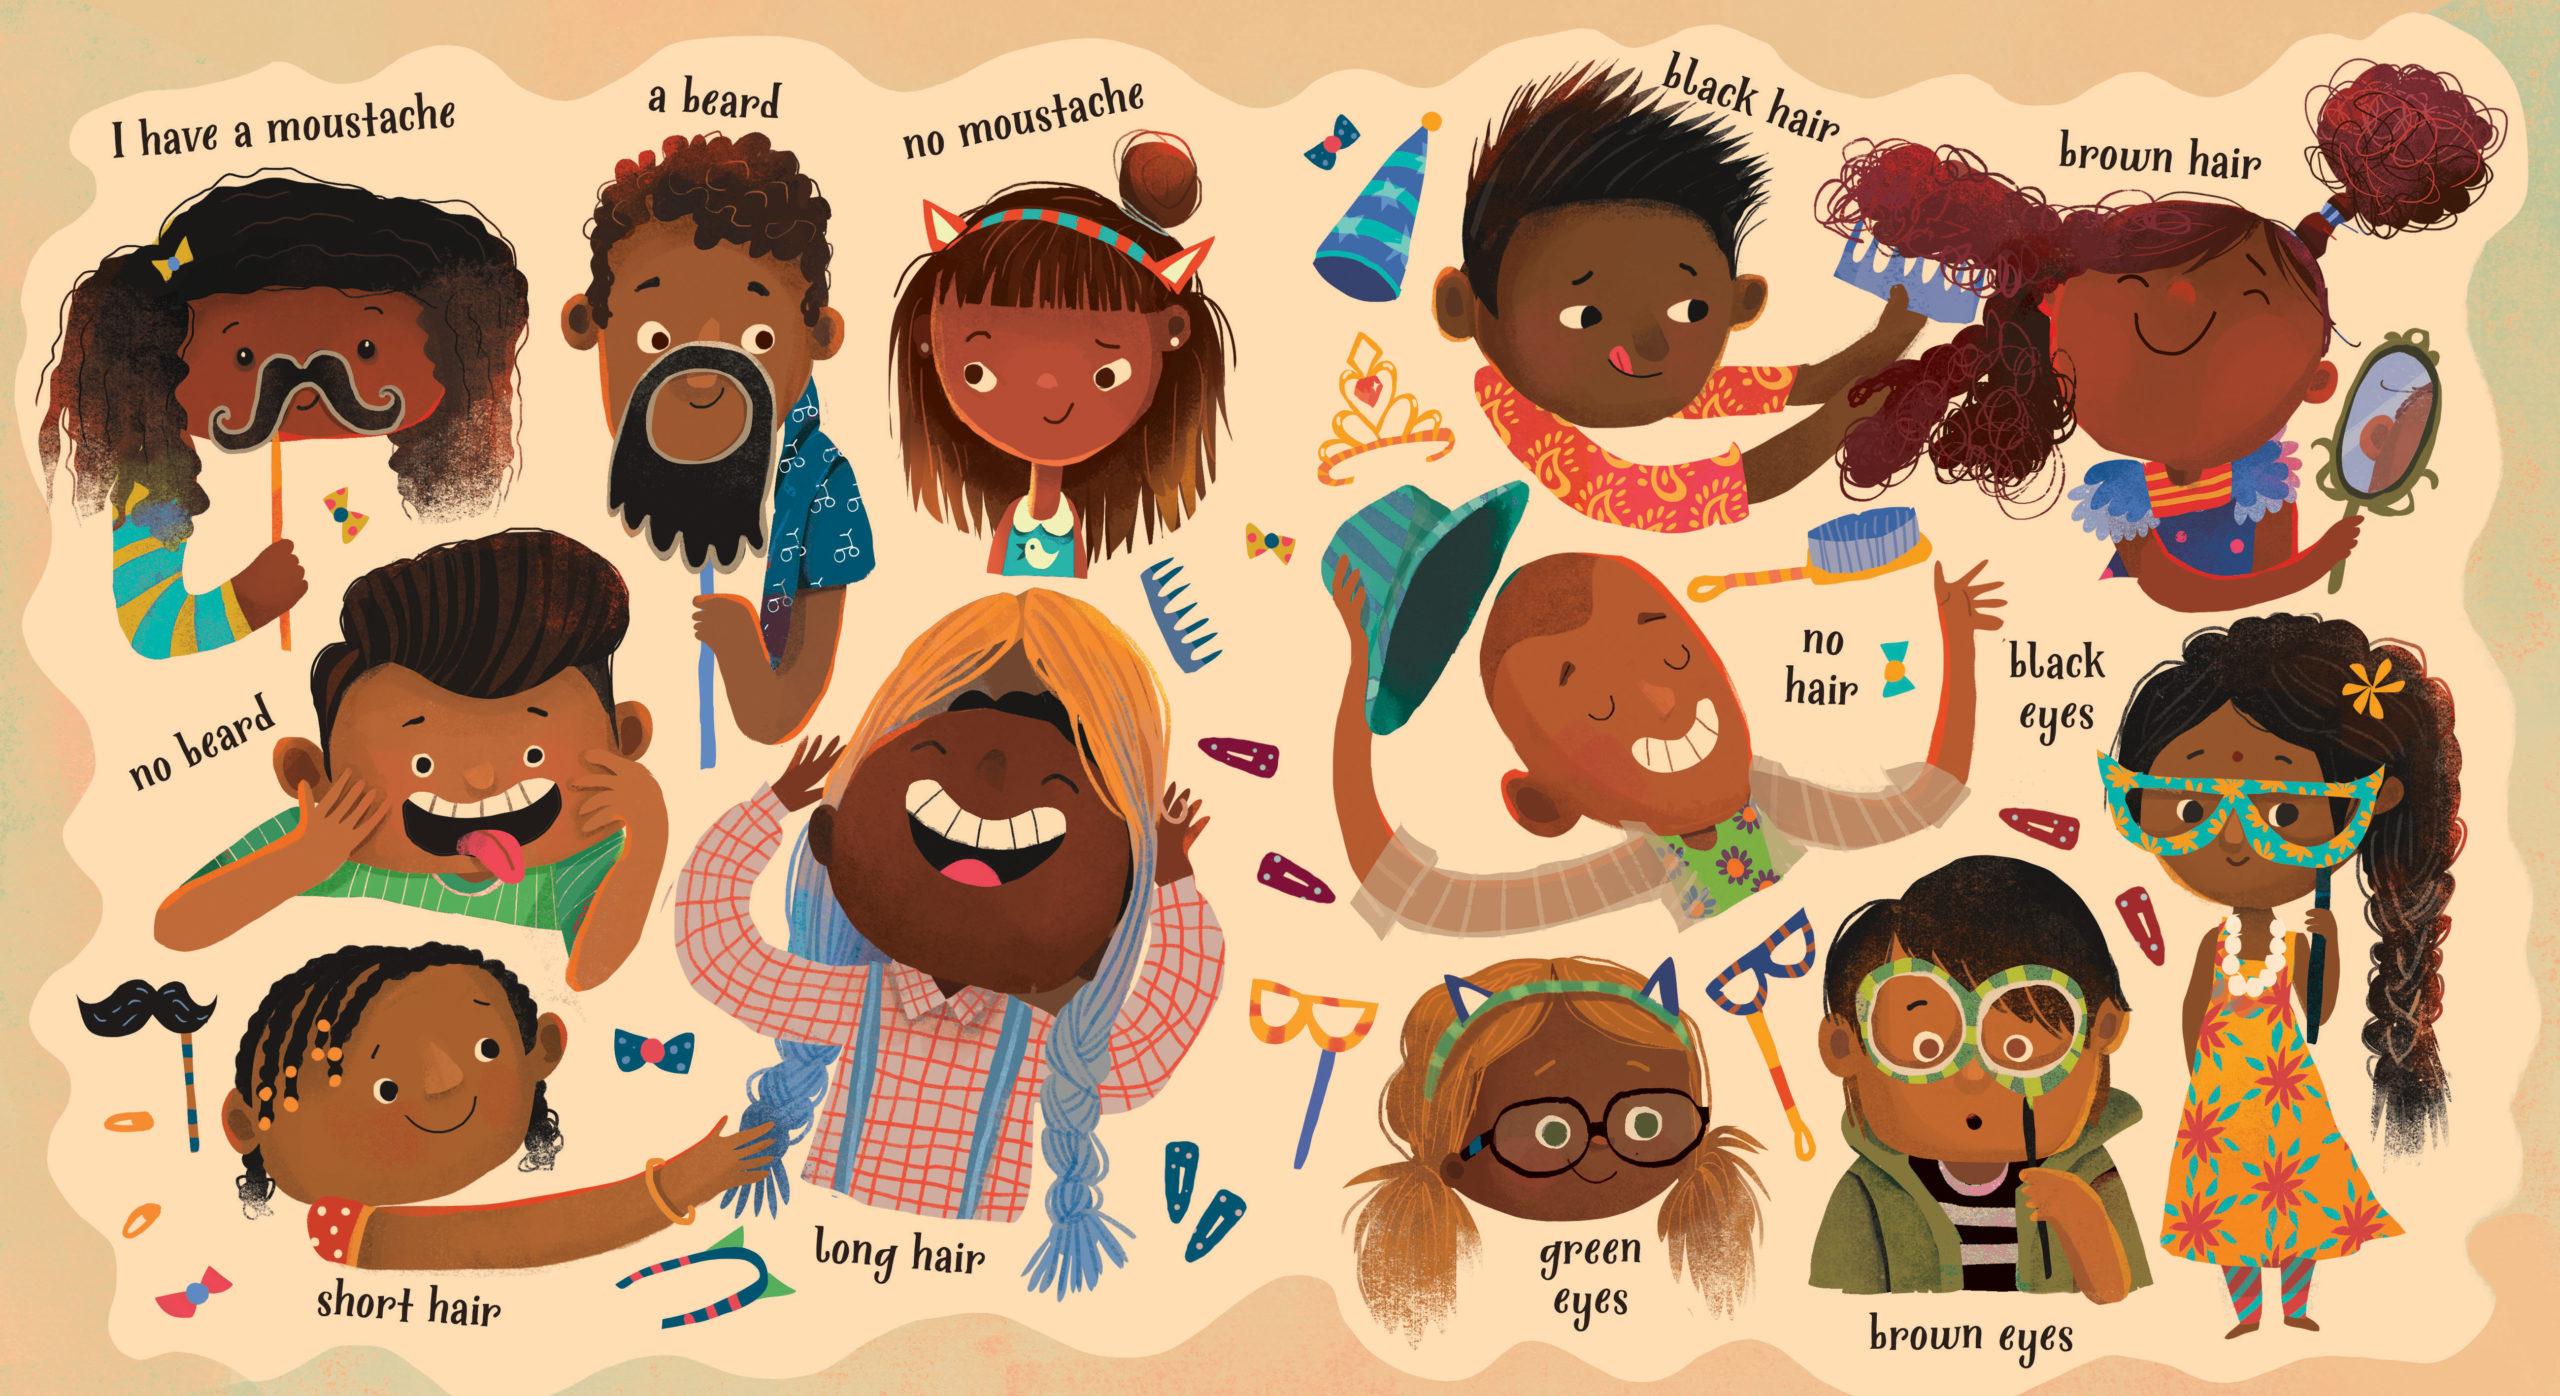 GirlsclubAsia-Illustrator-Sandhya-Prabhat-IAmBrown_18-19